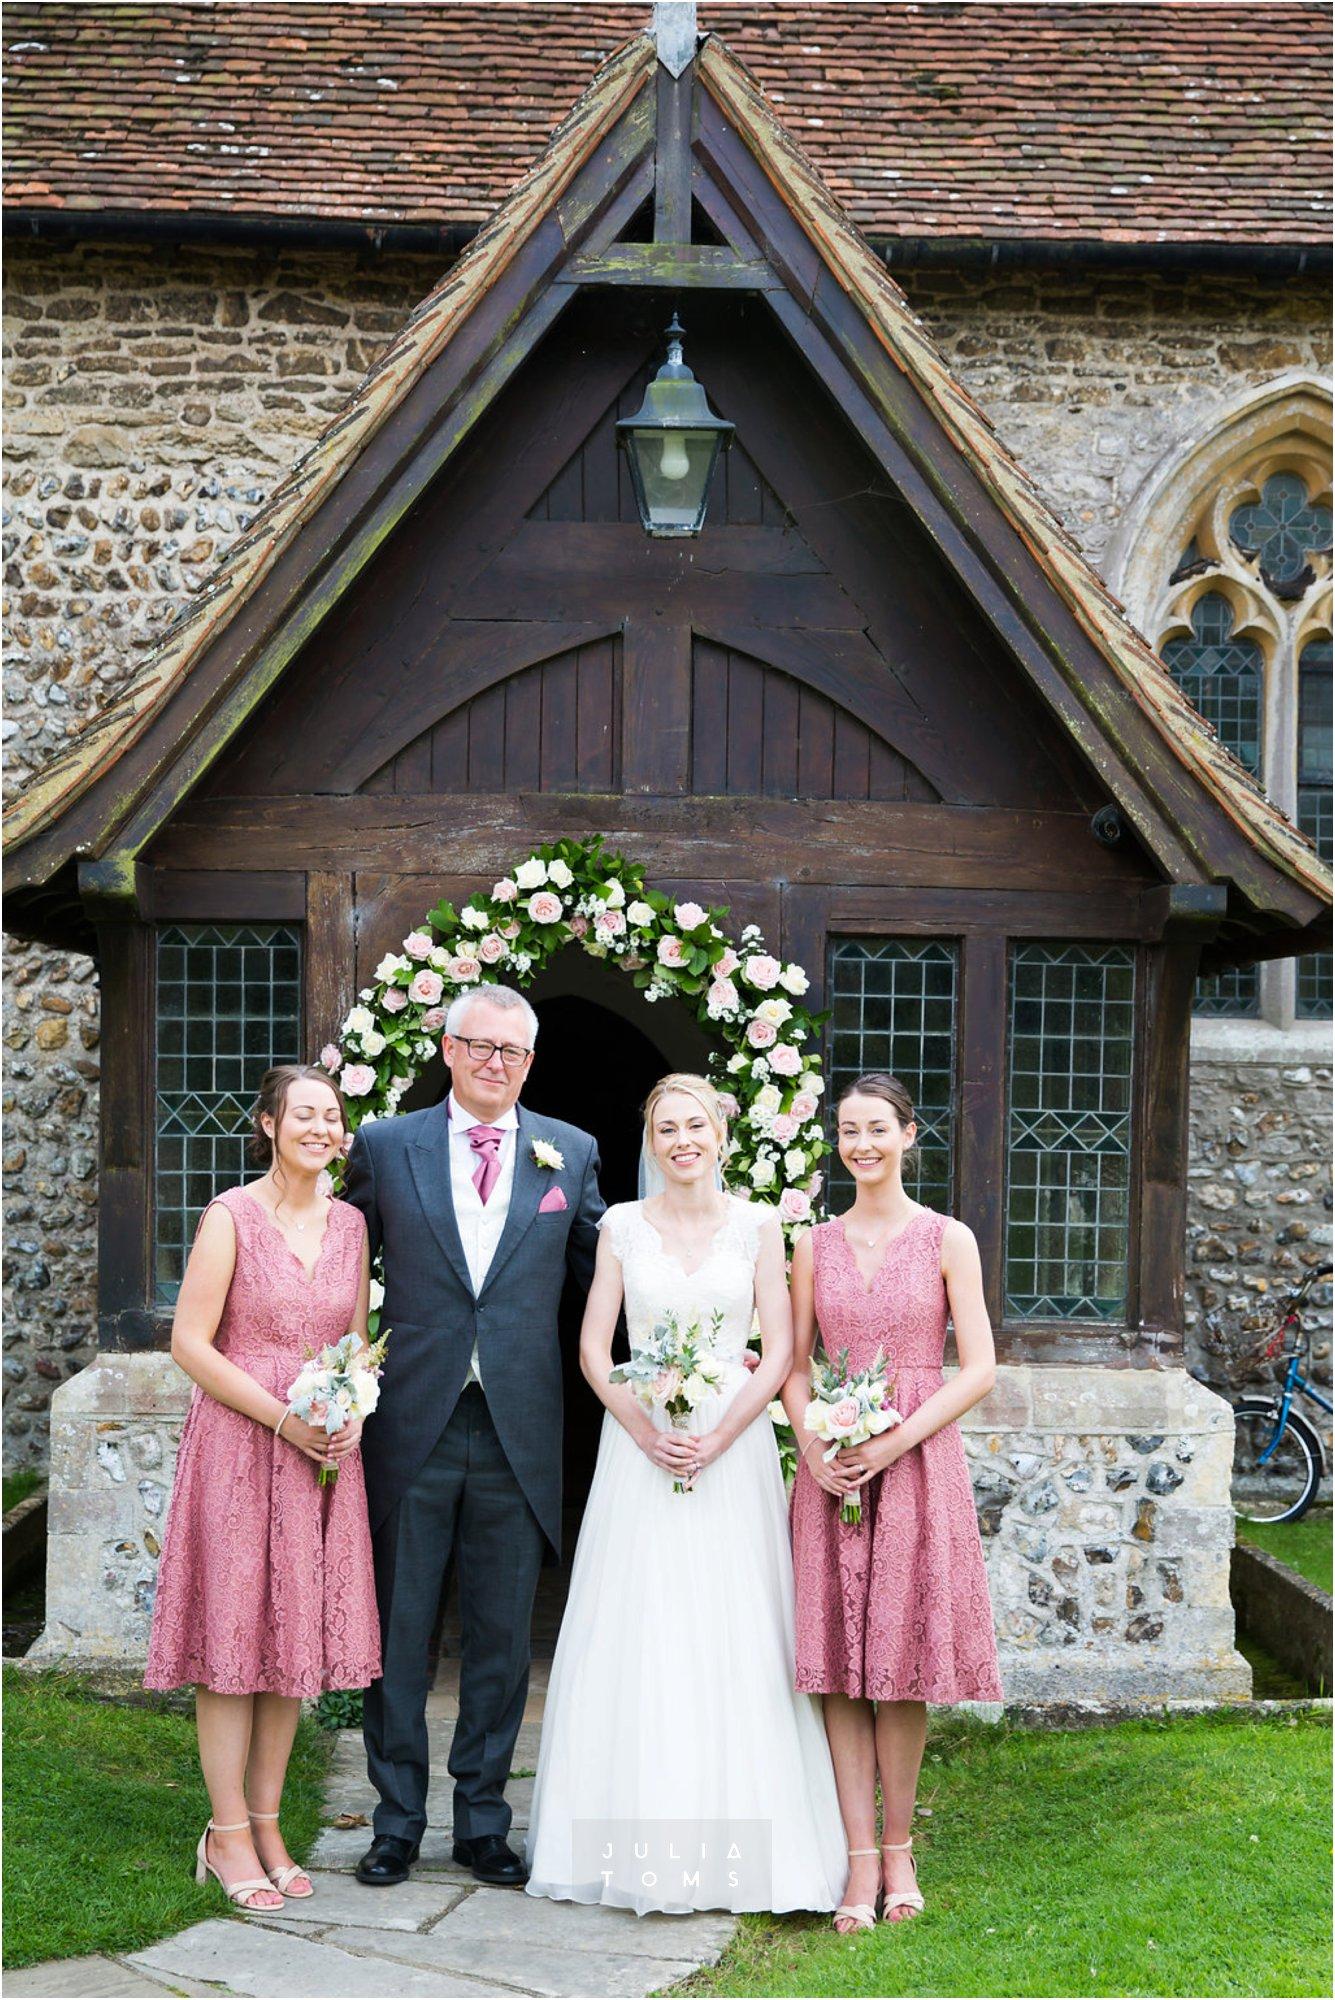 itchenor_wedding_chichester_photographer_027.jpg